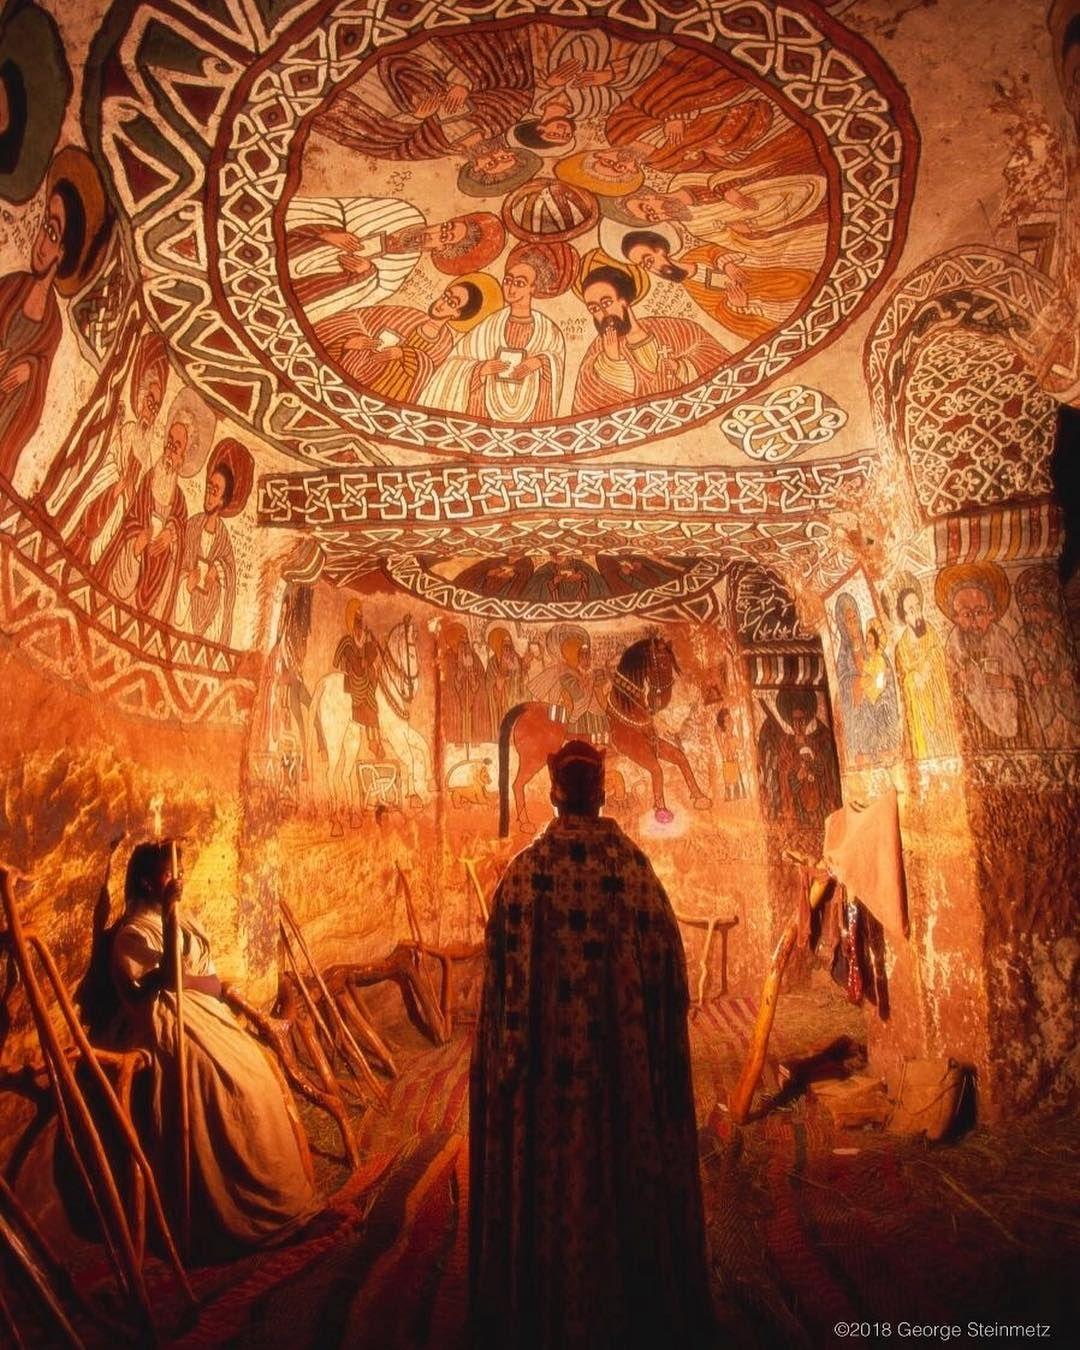 Pin de Tharsis Madeira em Etiópia em 2020 | Igreja ortodoxa ...